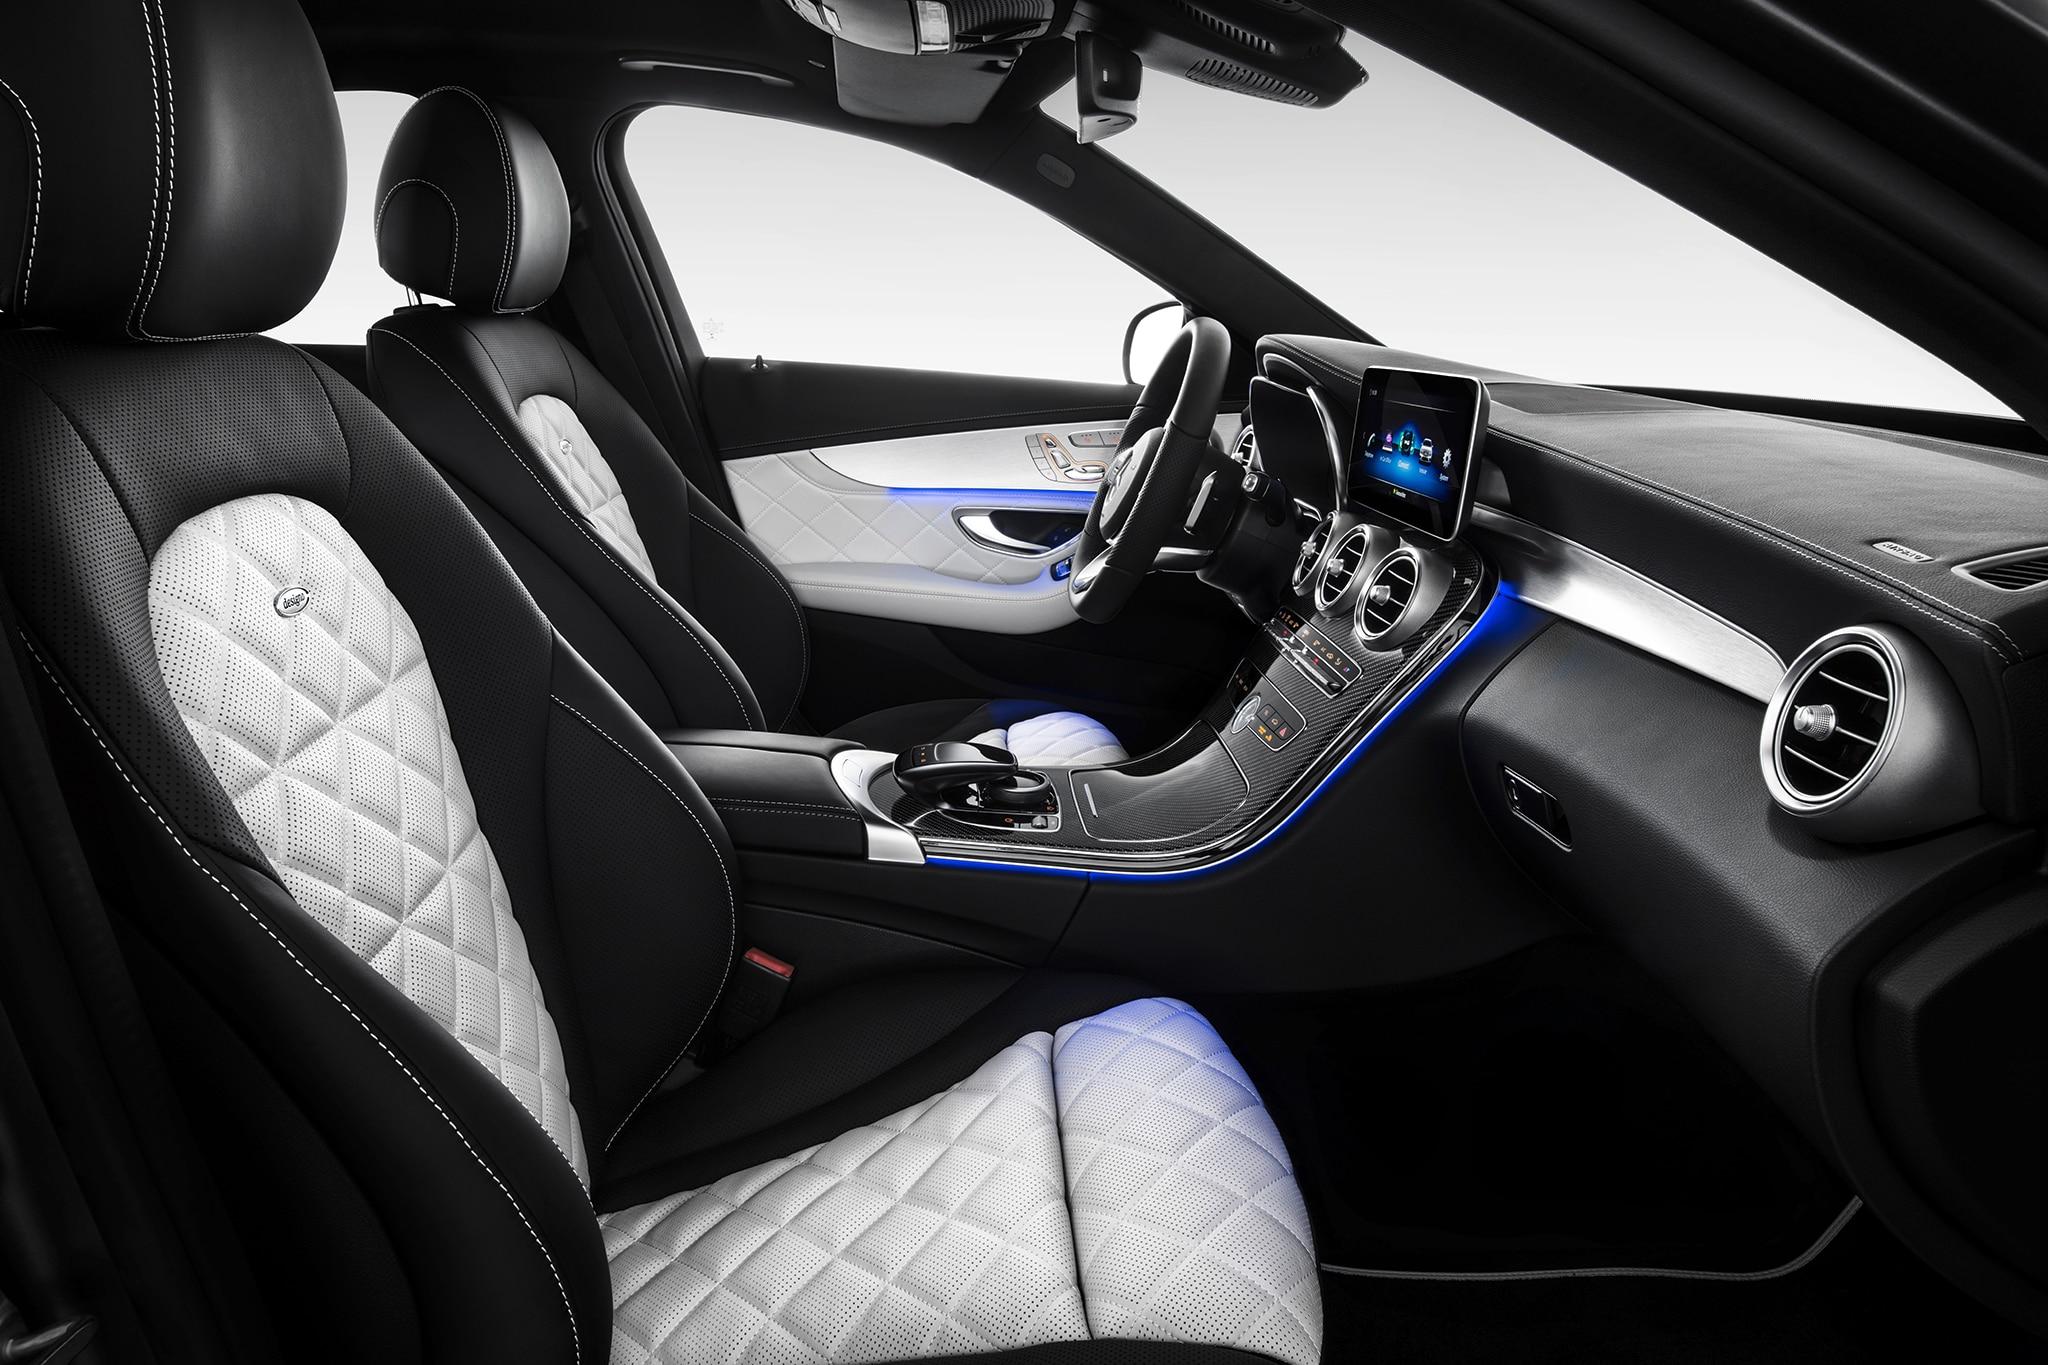 2019 Mercedes-Benz C-Class Gets Classier | Automobile Magazine